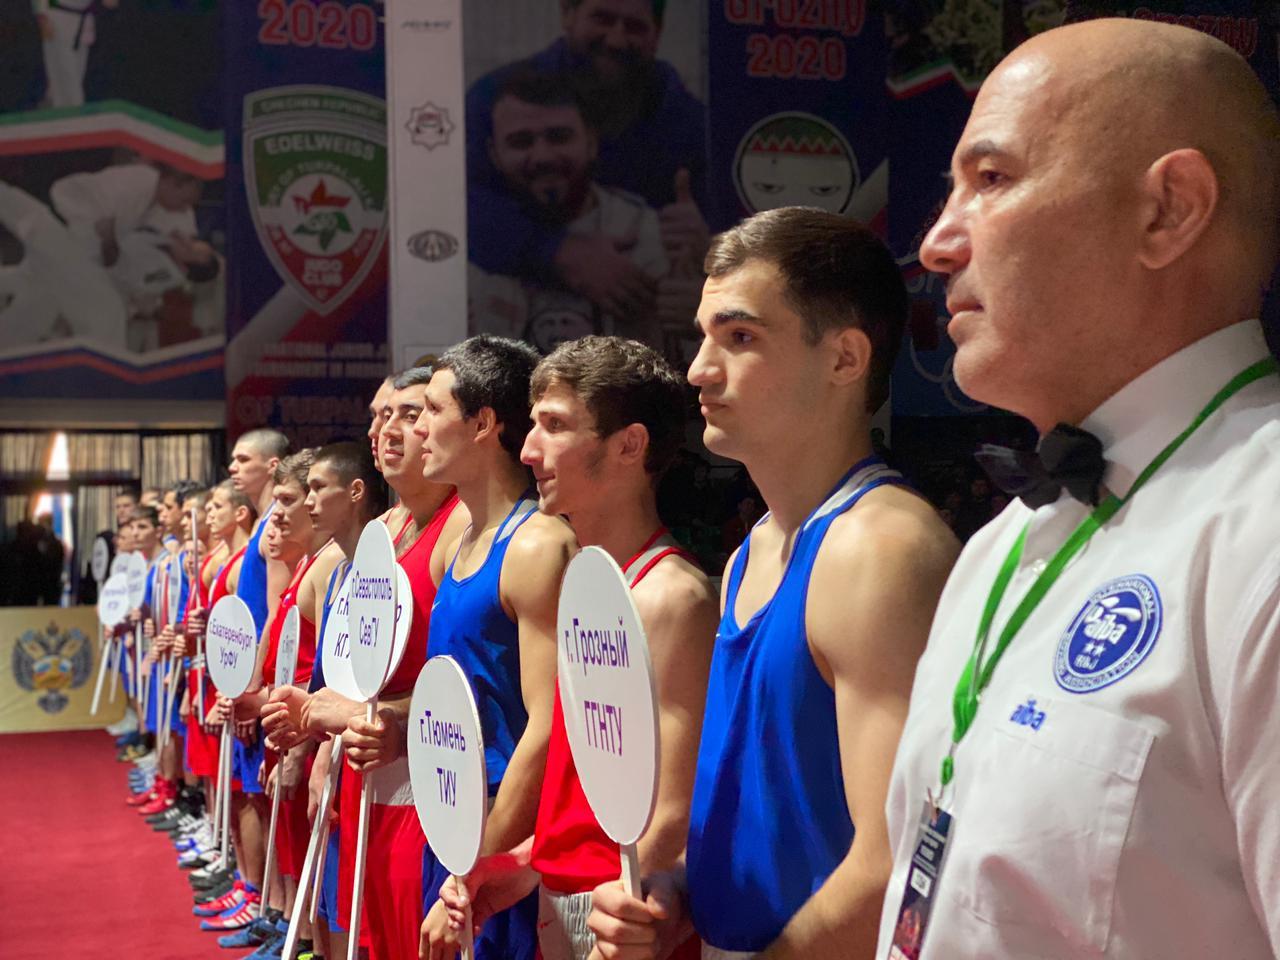 Команда ГГНТУ победила в соревнованиях по боксу среди студентов